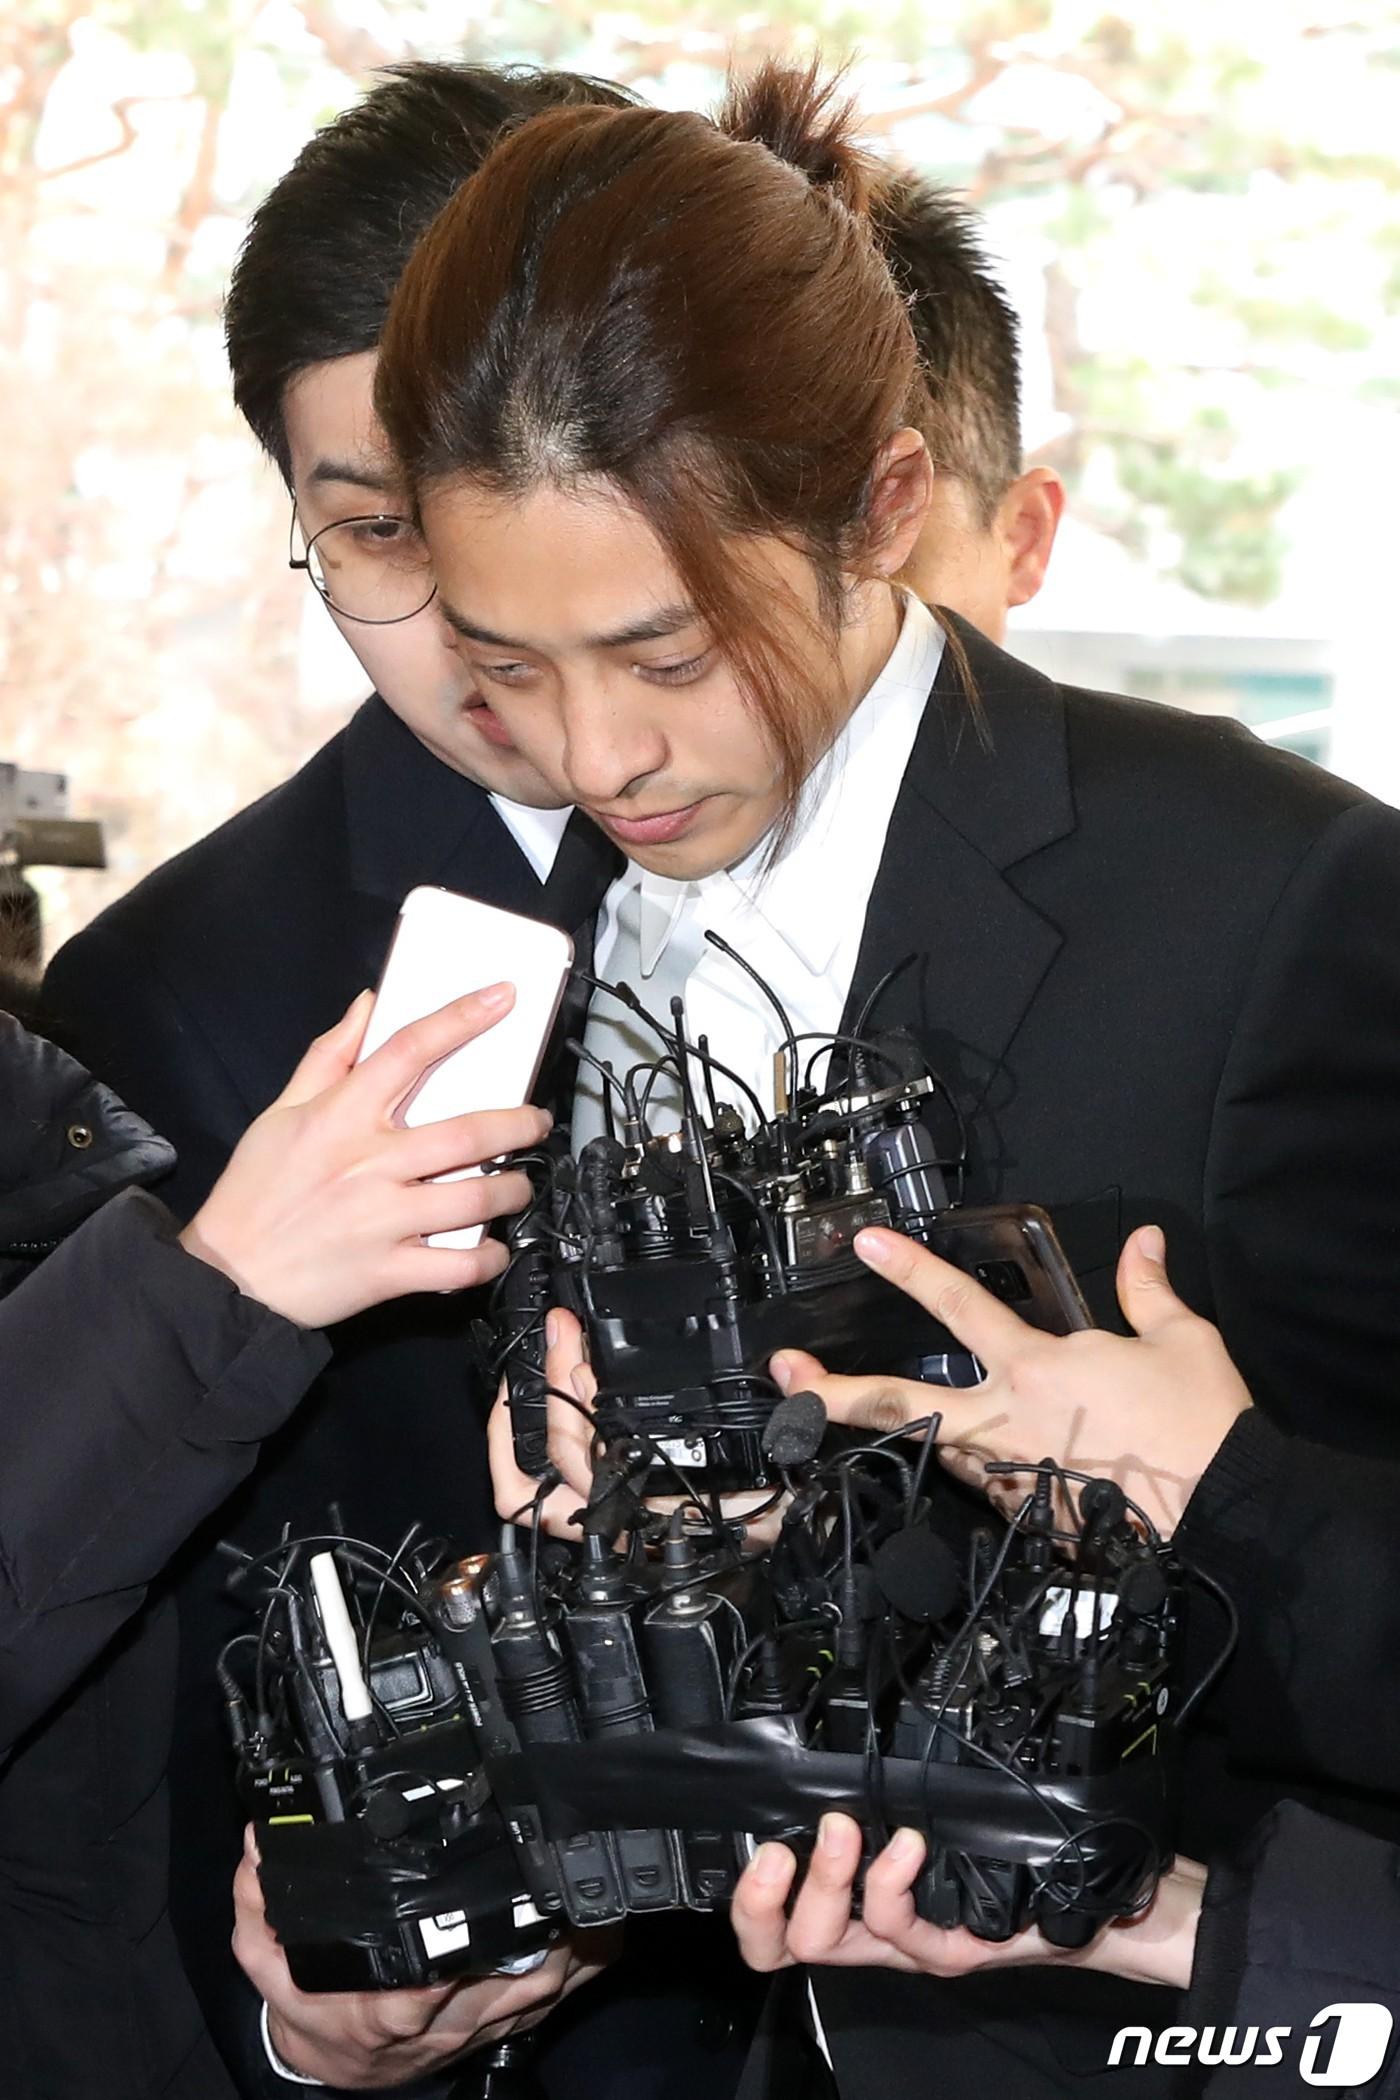 Nổi da gà loạt tin nhắn mới được tiết lộ của Jung Joon Young: Giáng sinh đầy nhục dục, mua dâm từ Hàn sang Âu - Ảnh 1.